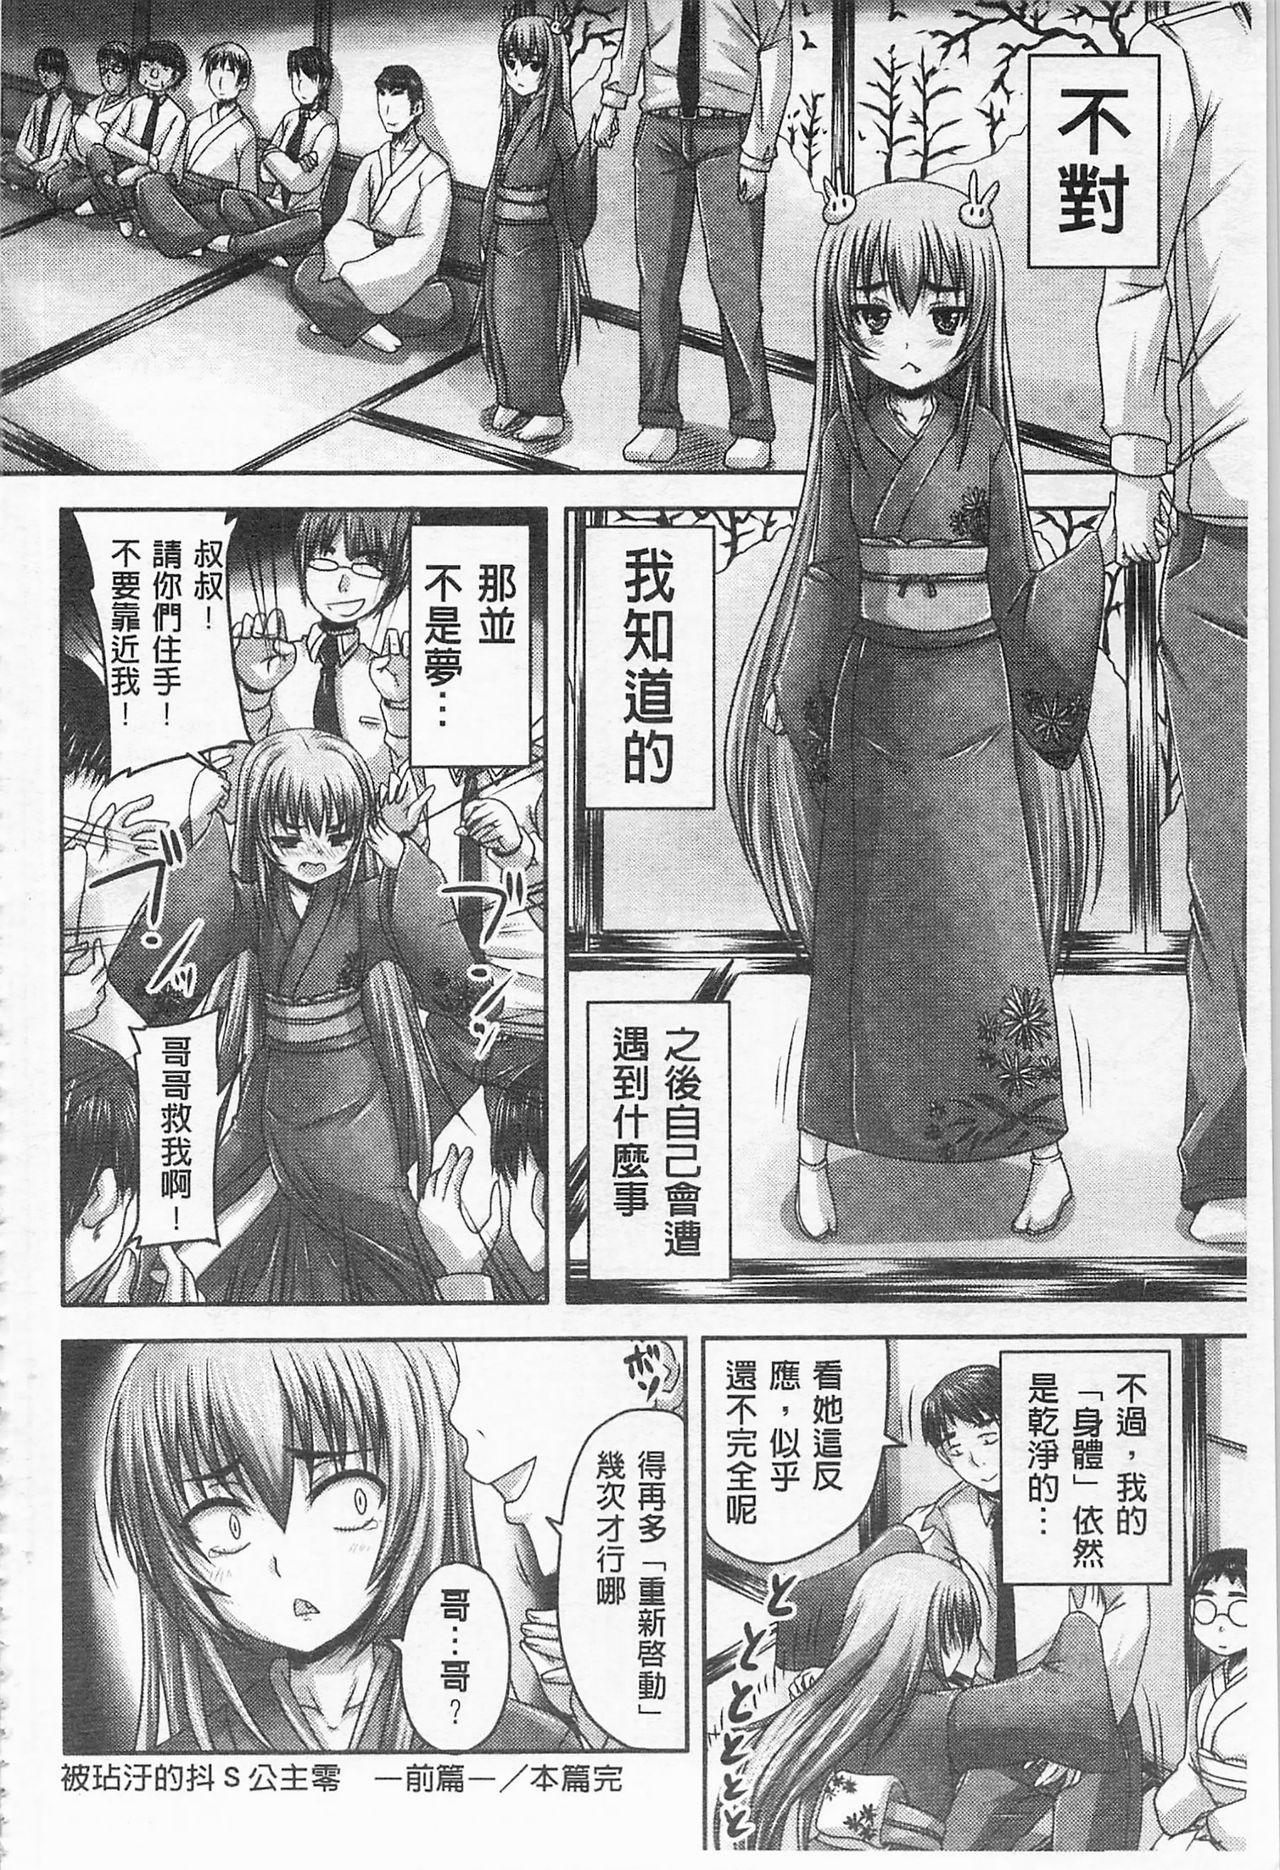 [Nozarashi Satoru] Do S na Hime wa Kegasareru -Inga no Shou- | 超S的公主被玷汙了 ~因果之章~ [Chinese] 26